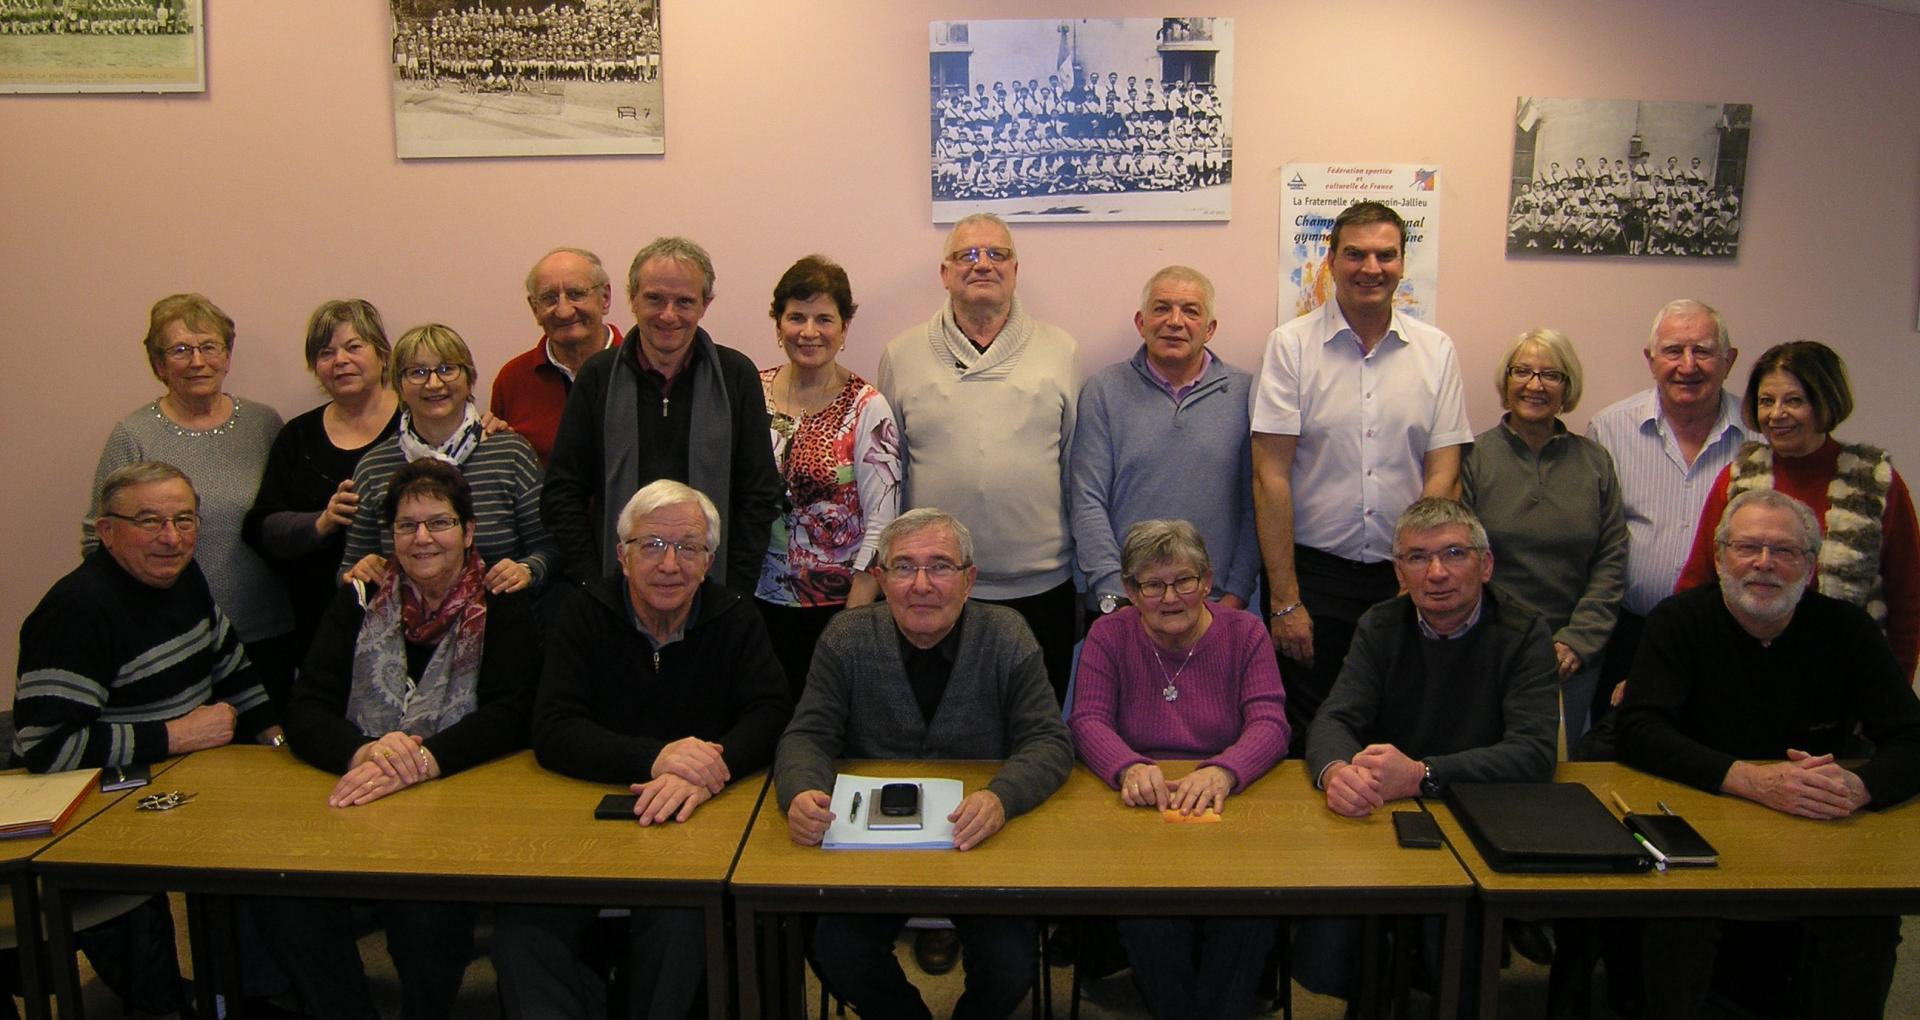 1ere reunion de l annee pour le comite directeur